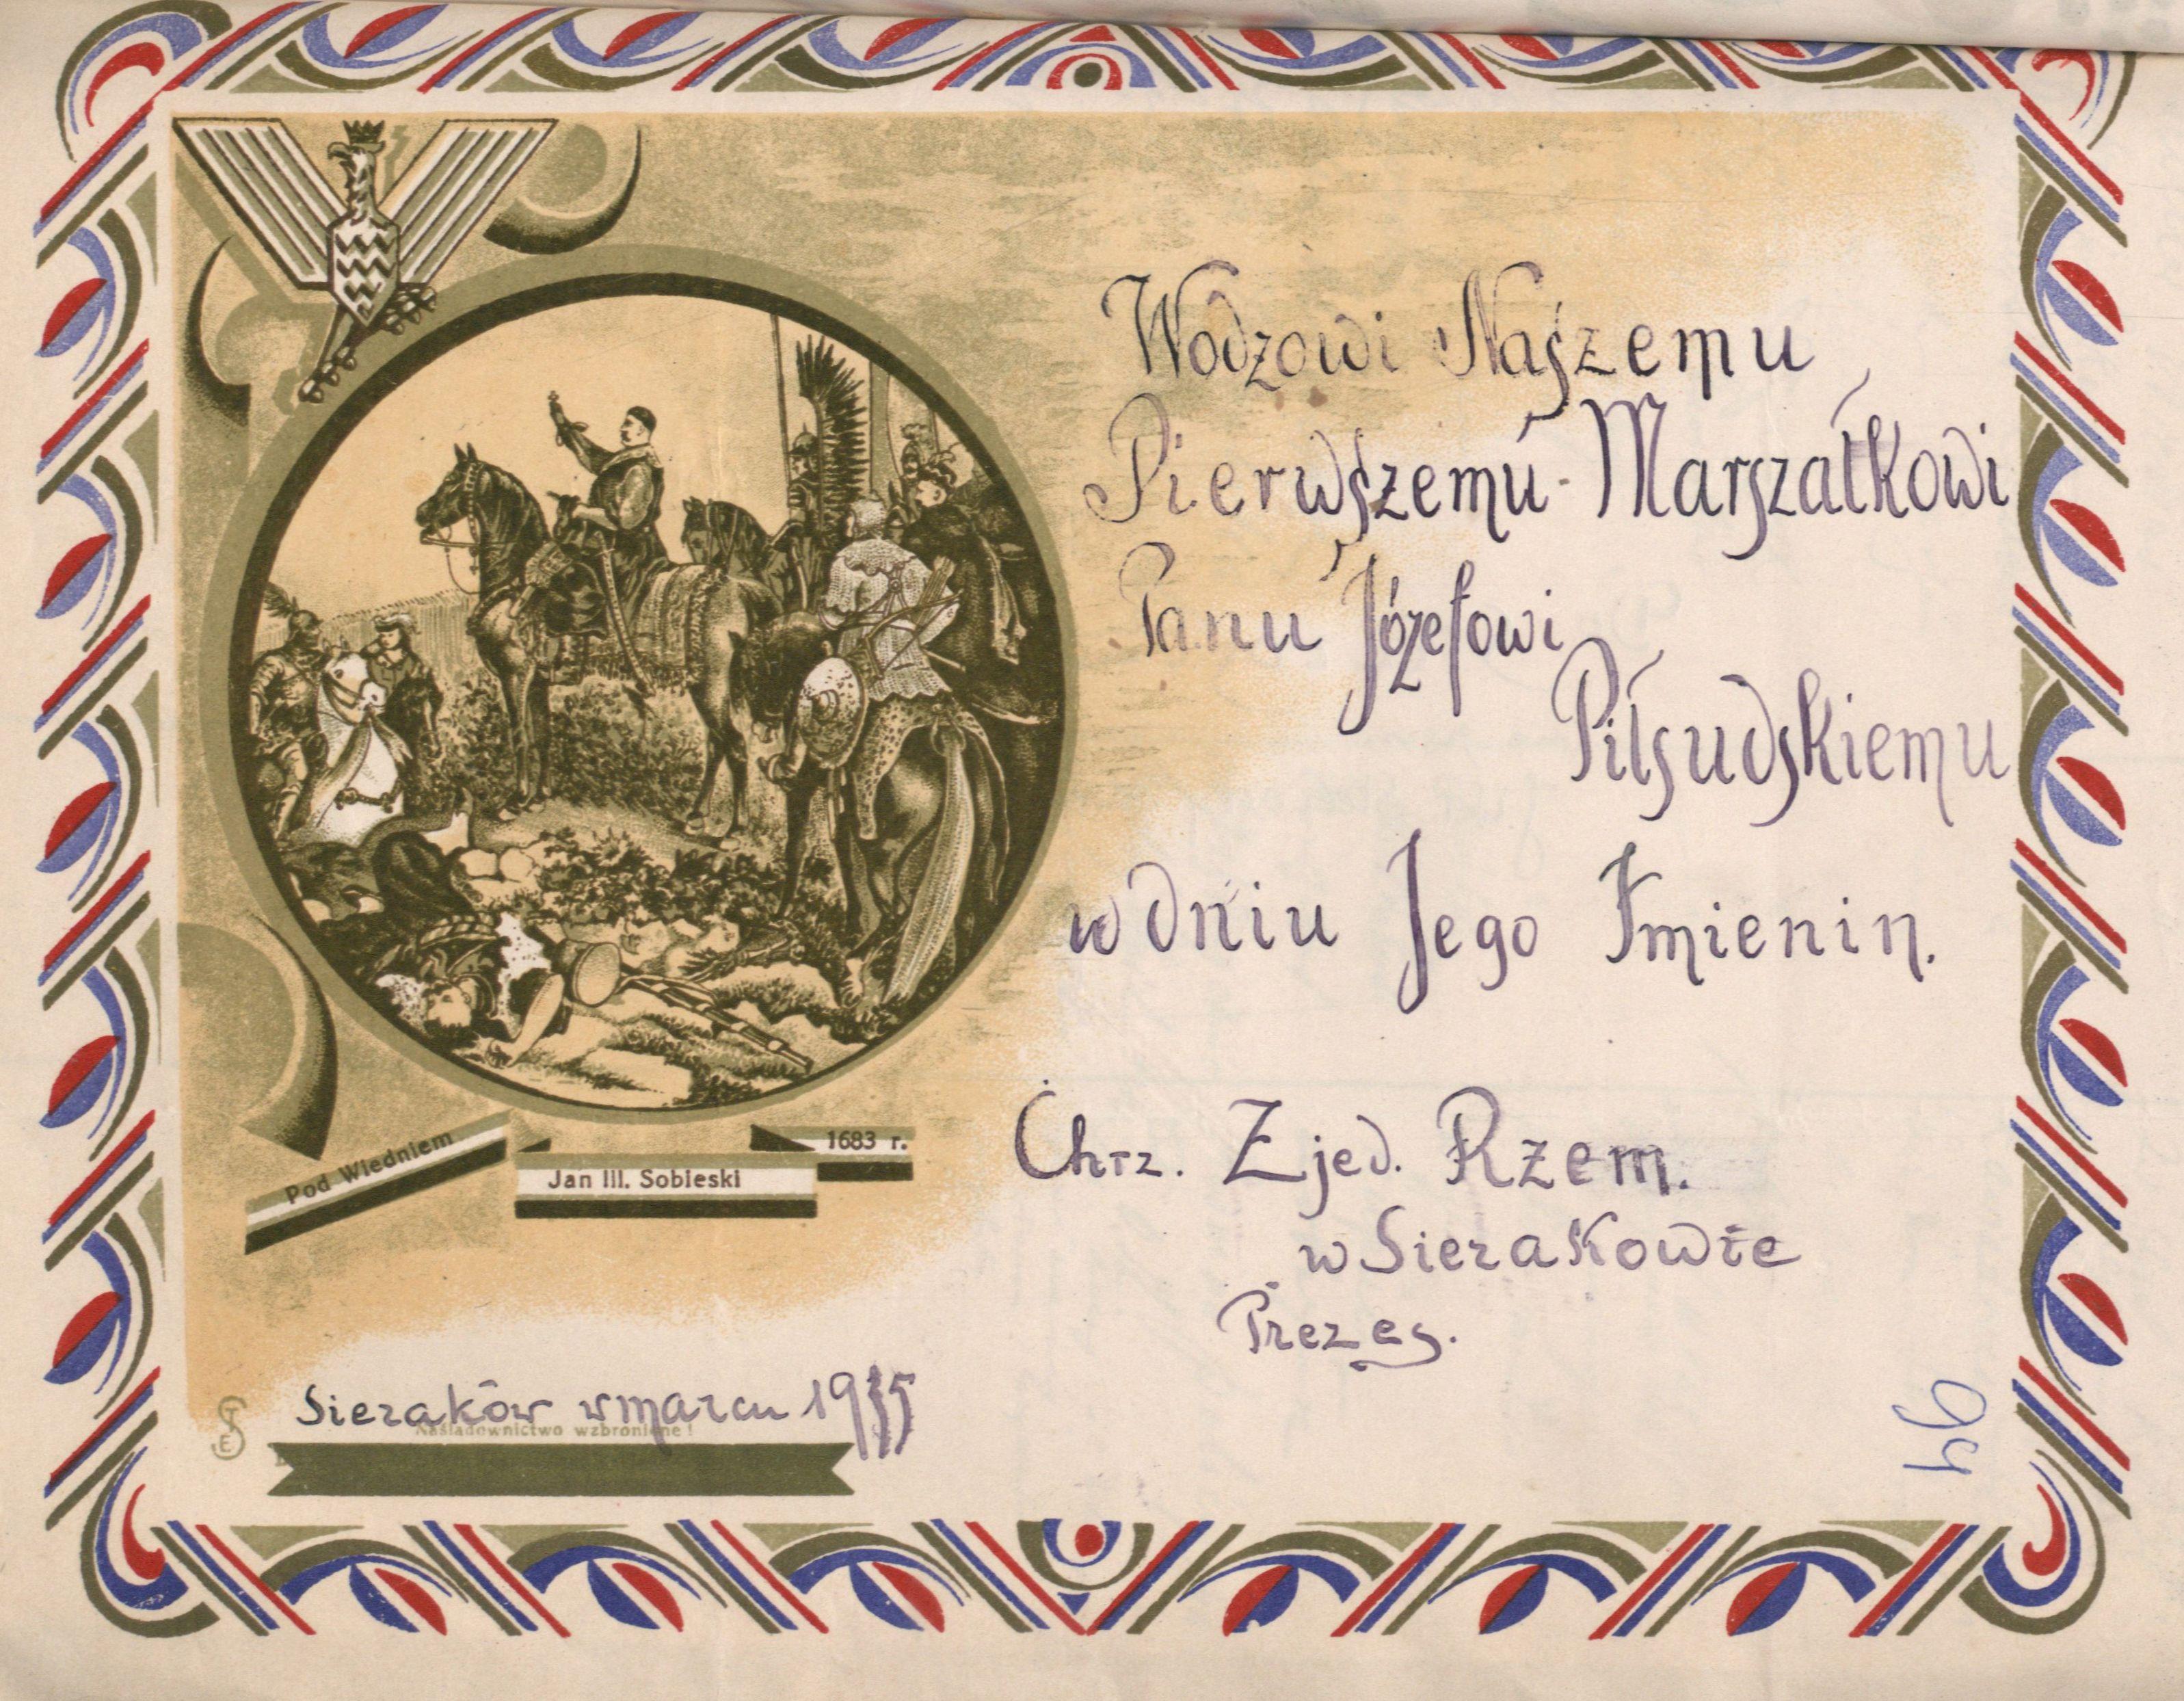 Kult Józefa Piłsudskiego Wikipedia Wolna Encyklopedia